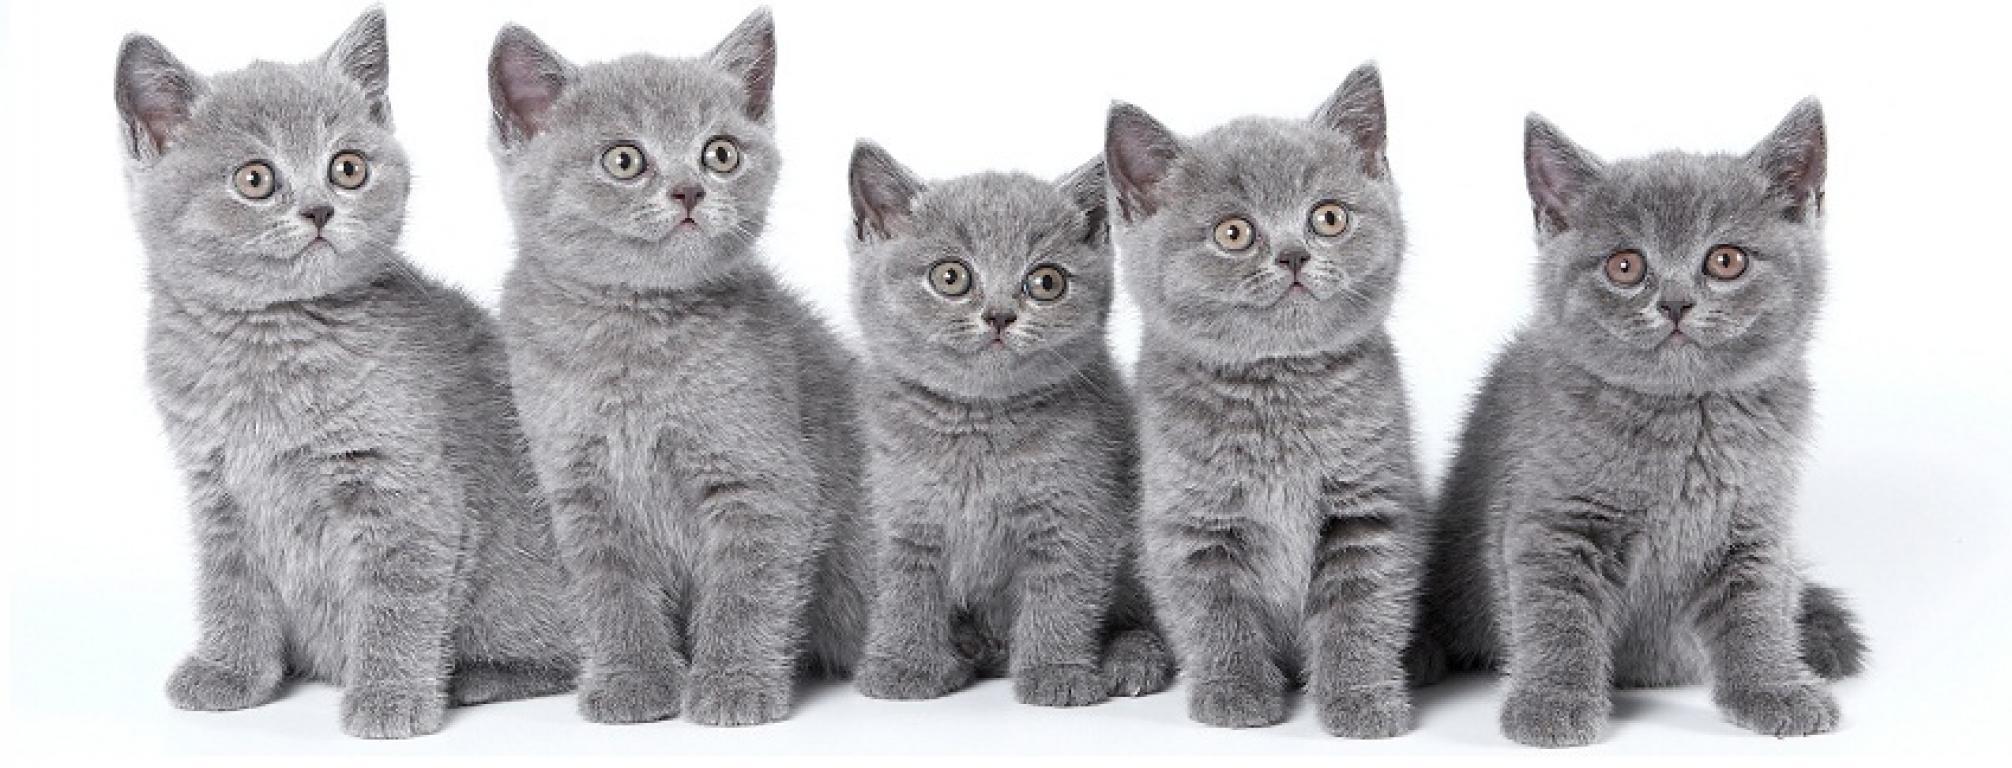 Правильное питание - залог здоровья и правильного развития котят